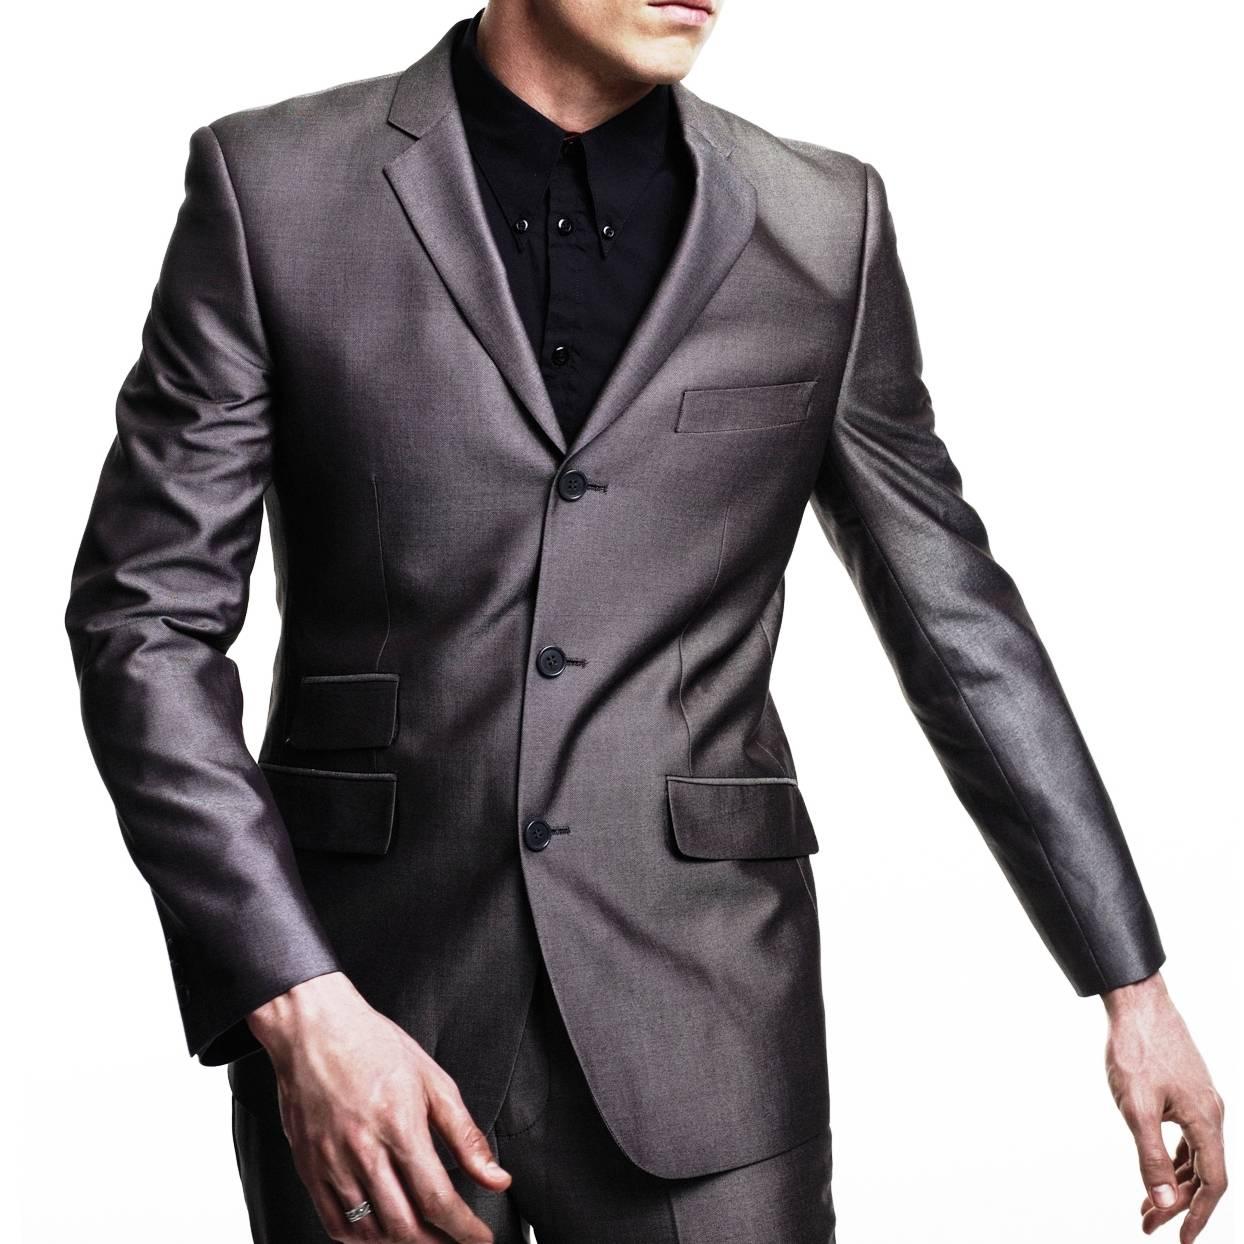 Пиджак Gin JktRude Boy by Merc<br>Мужской костюм-двойка из мягкой комбинированной ткани с эффектом отлива – современная стилизация исторической модели Tonic Suit – иконы mod look 60-х, прославленной британскими модами Свингующего Лондона. Прилегающий пиджак с узкими лацканами и декоративны двойным карманом справа, атласная малиновая подкладка, сужающиеся к низу брюки, – именно в такой костюм одевался культовый персонаж знаменитого фильма о мод-культуре Quadrophenia (Квадрофения) – лондонский мод Джим. Знаковым, исконным элементом мод стиля было сочетание Tonic Suit с мешковатой защитно-зеленой военной фиштейл паркой, сохранявшей наряд во время поездки на скутере. Сегодня этот костюм отлично вписывается как в формальный, так и в клубный smart casual дресс-код в сочетании с рубашкой button-down и классической обувью Челси или Дерби. Подкладка - 50% полиэстер, 50% ацетат.<br><br>Артикул: 1210109J<br>Материал: 77% полиэстер, 23% вискоза<br>Цвет: мокрого асфальта<br>Пол: Мужской